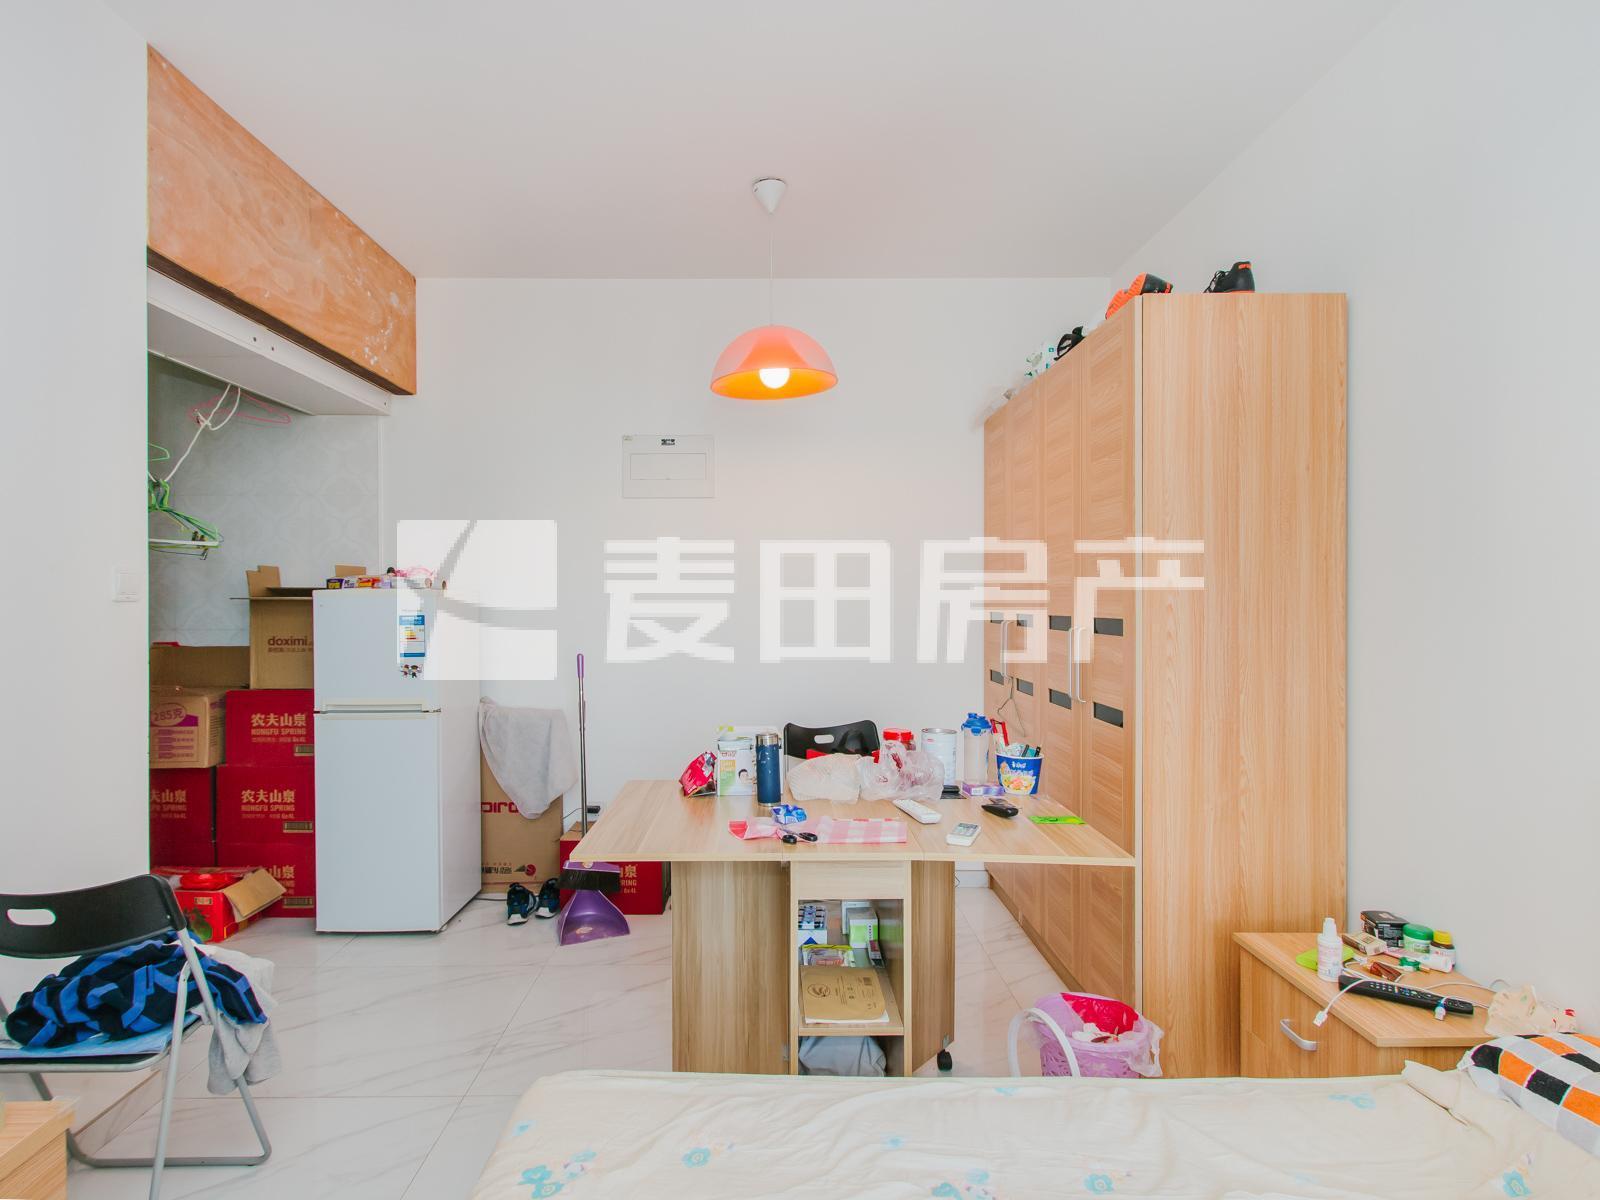 二环新盘玺源台 南向开间 小户型 低总价 高楼层 租金高